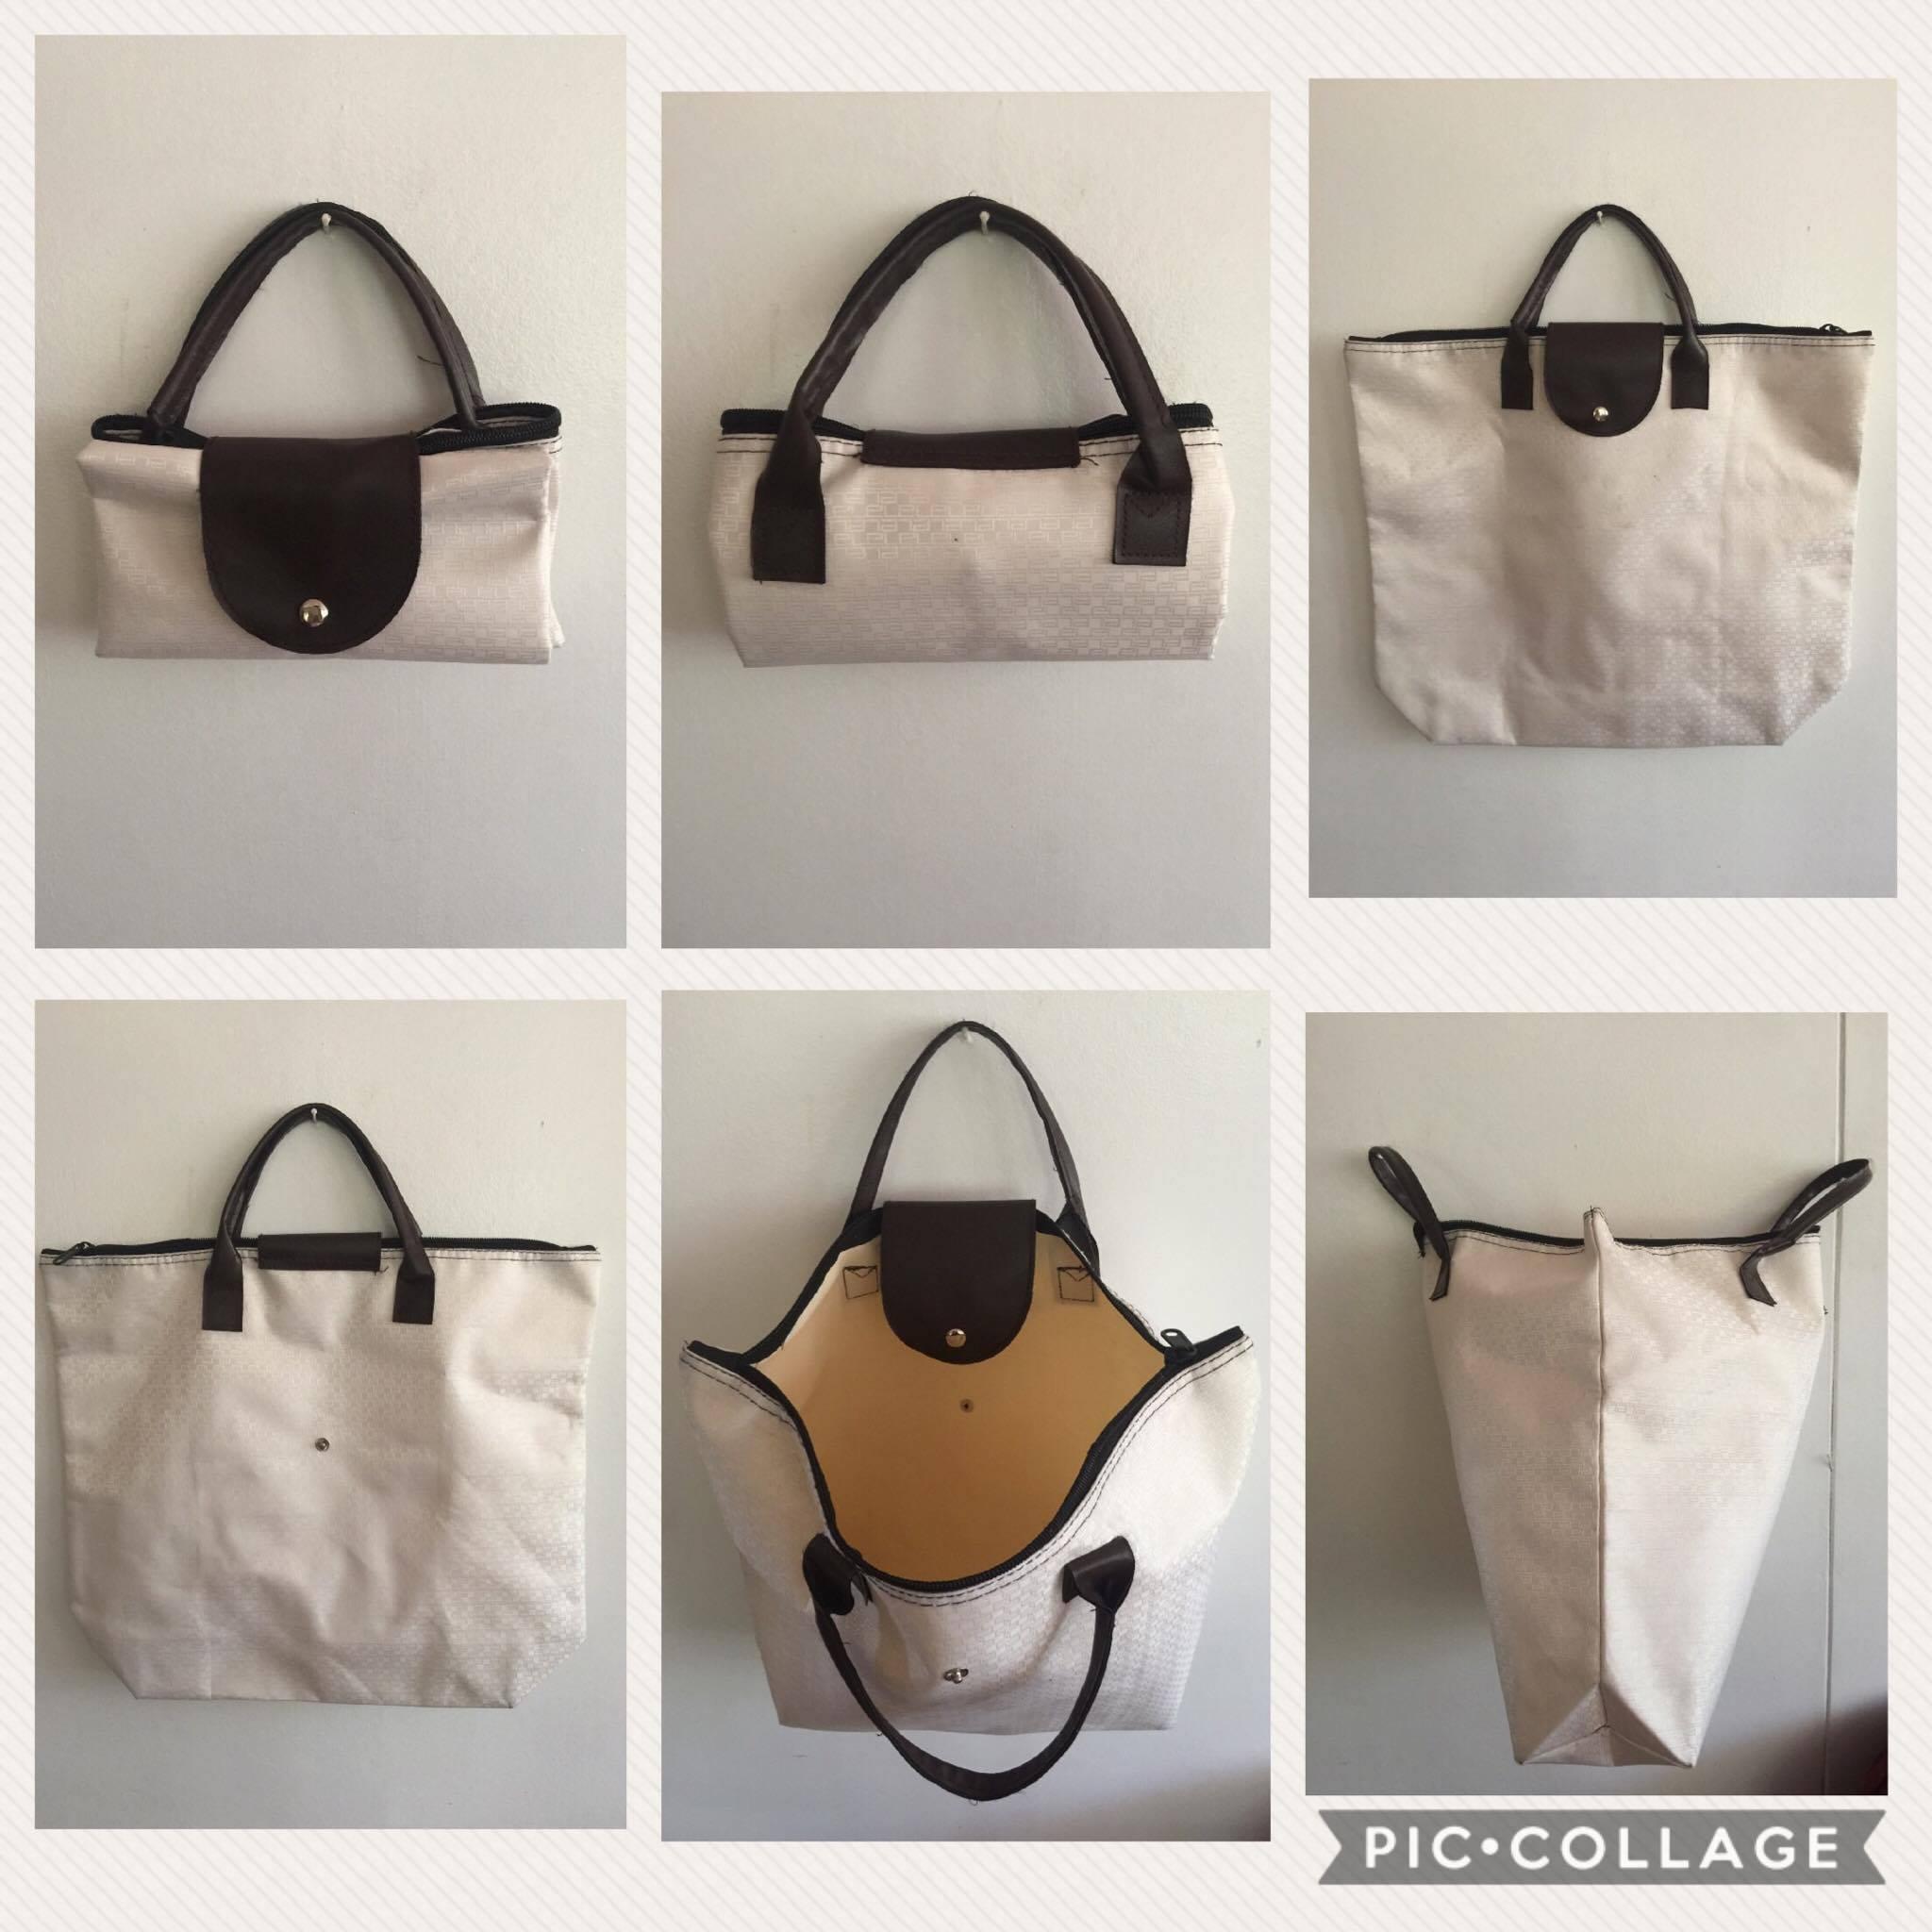 Preloved Bag #6